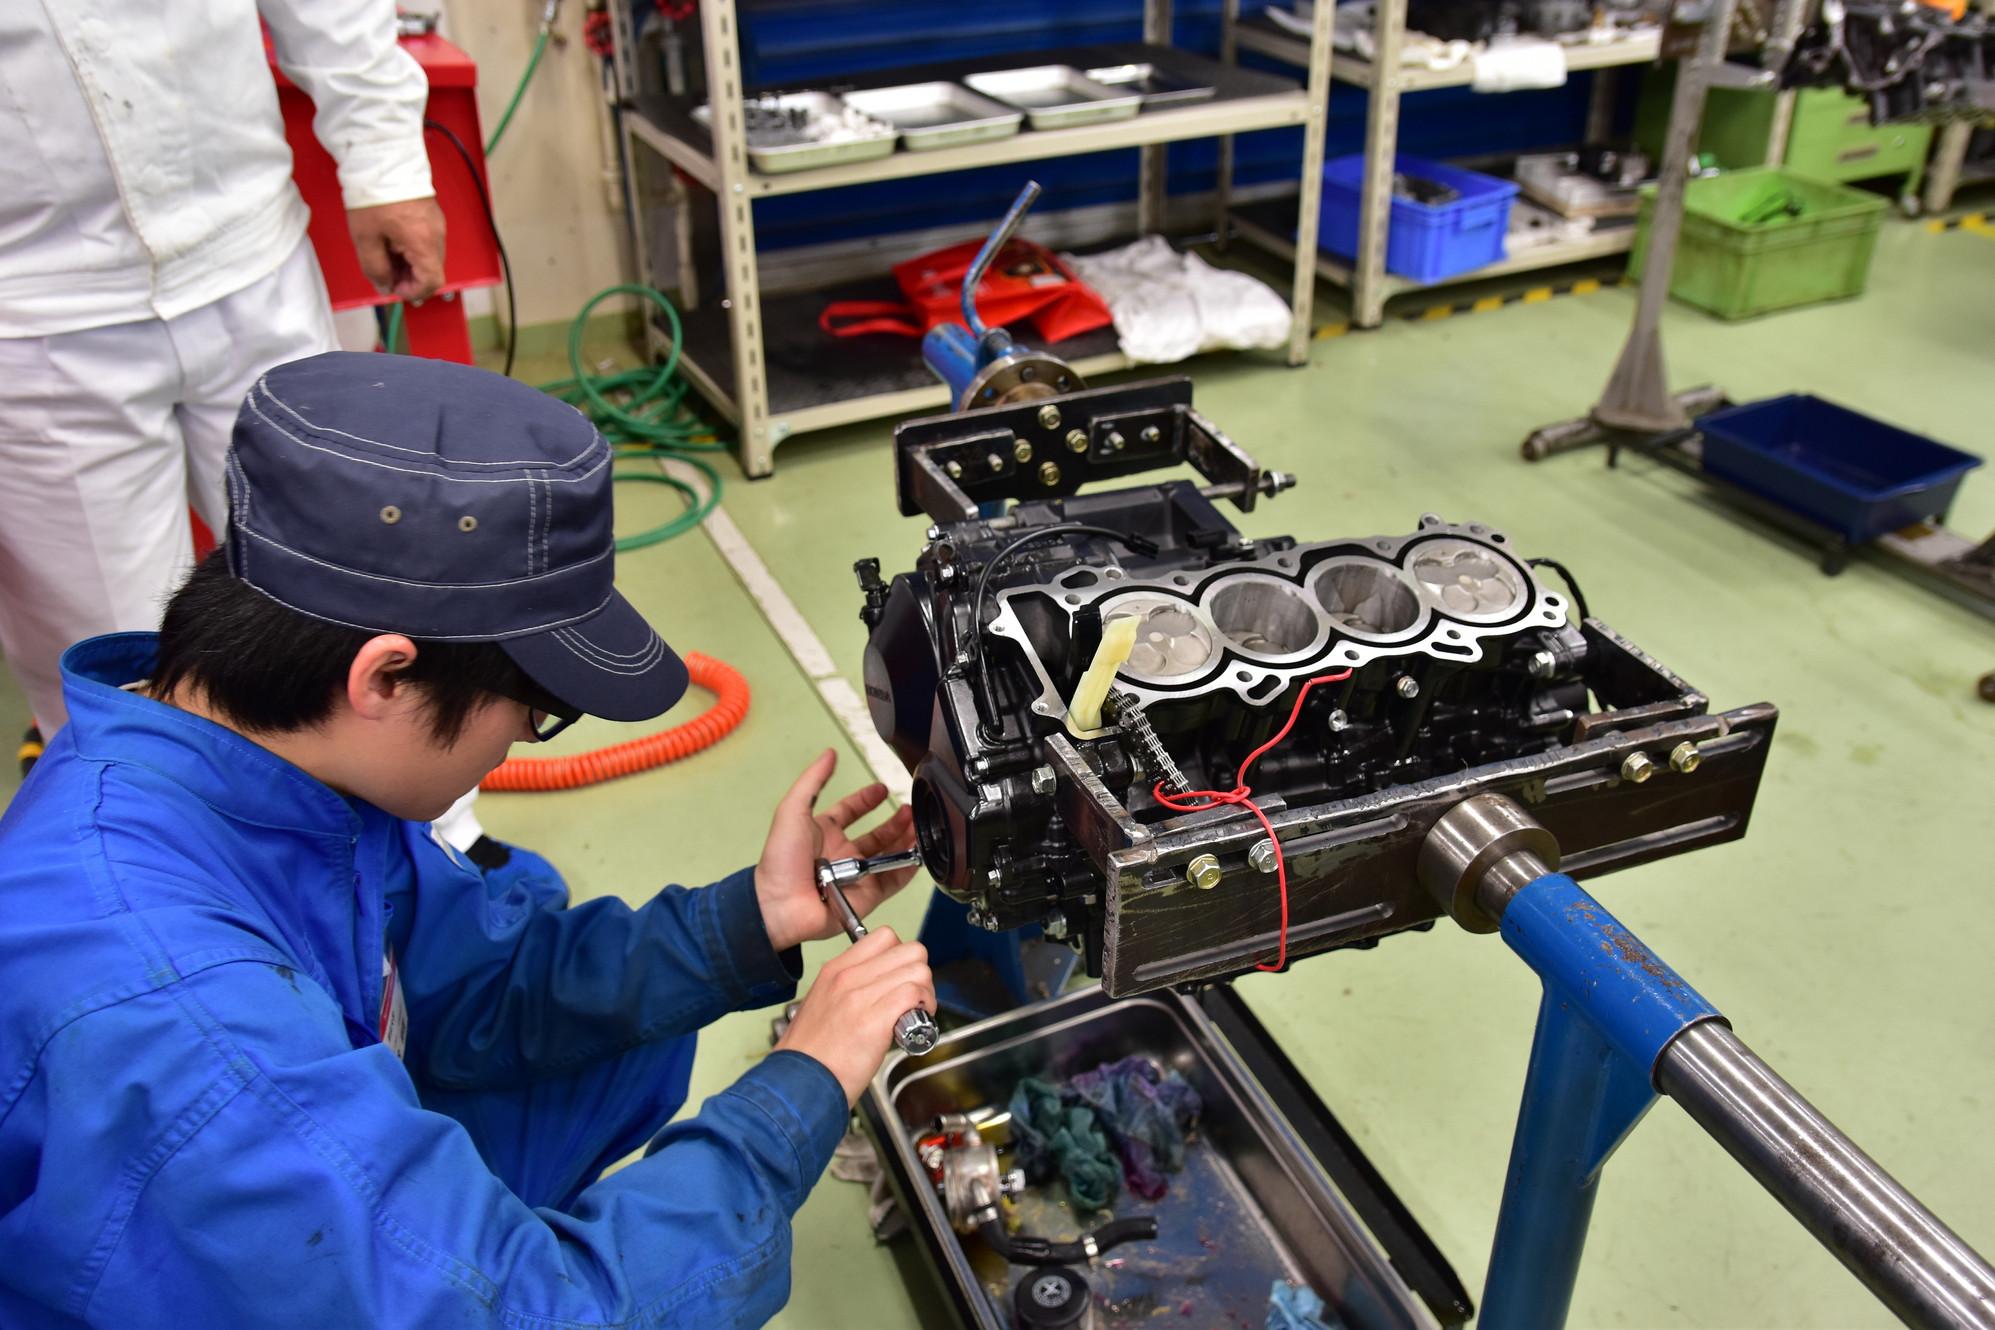 本田技研工業株式会社様主催のエンジン整備講座に参加させていただきました。